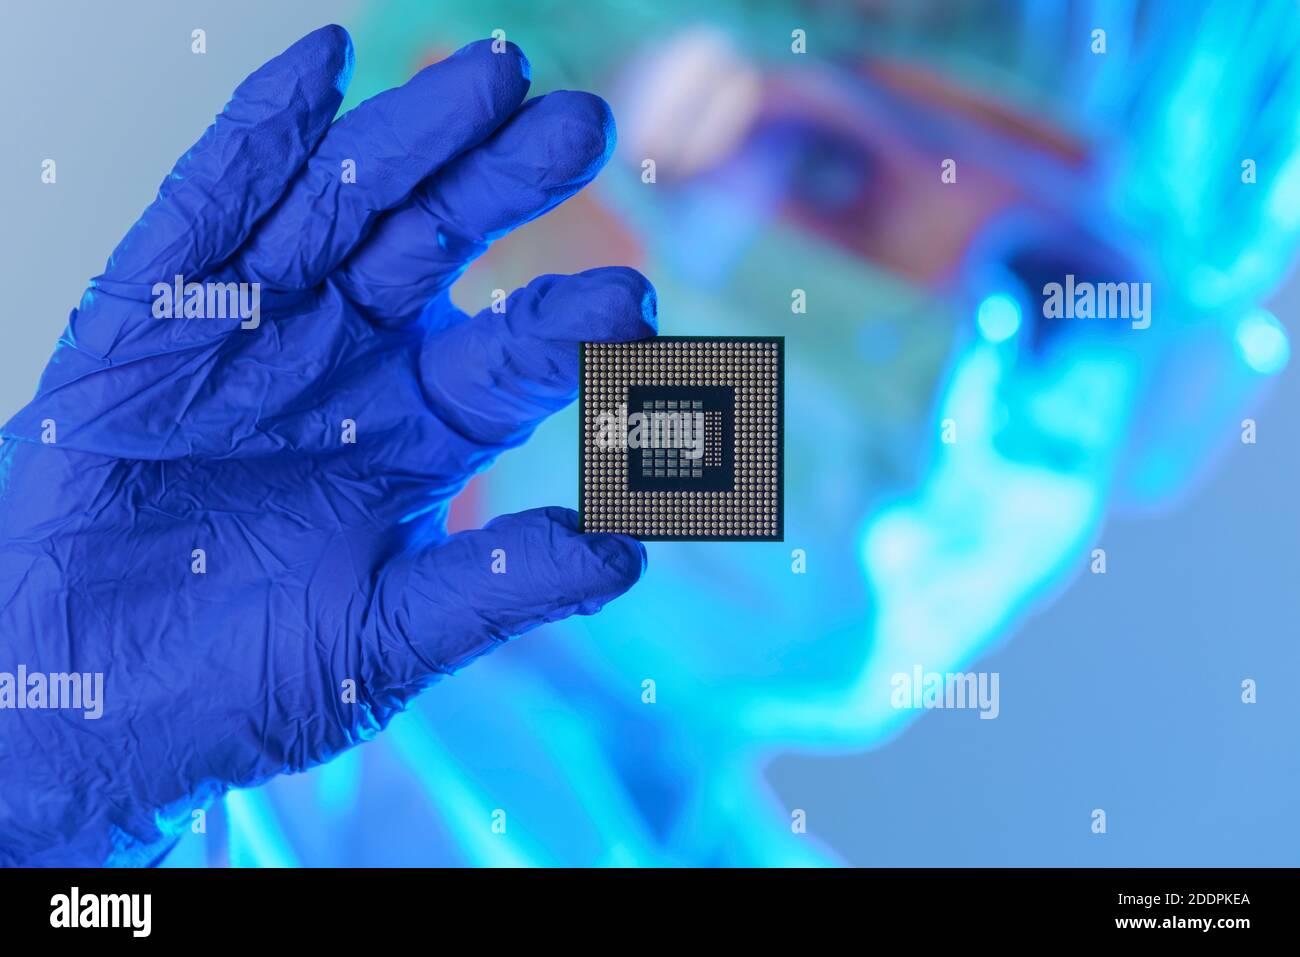 Un ingeniero que trabaja en un laboratorio, vistiendo un uniforme especial y guantes protectores mantiene el nuevo procesador en manos y examina Foto de stock